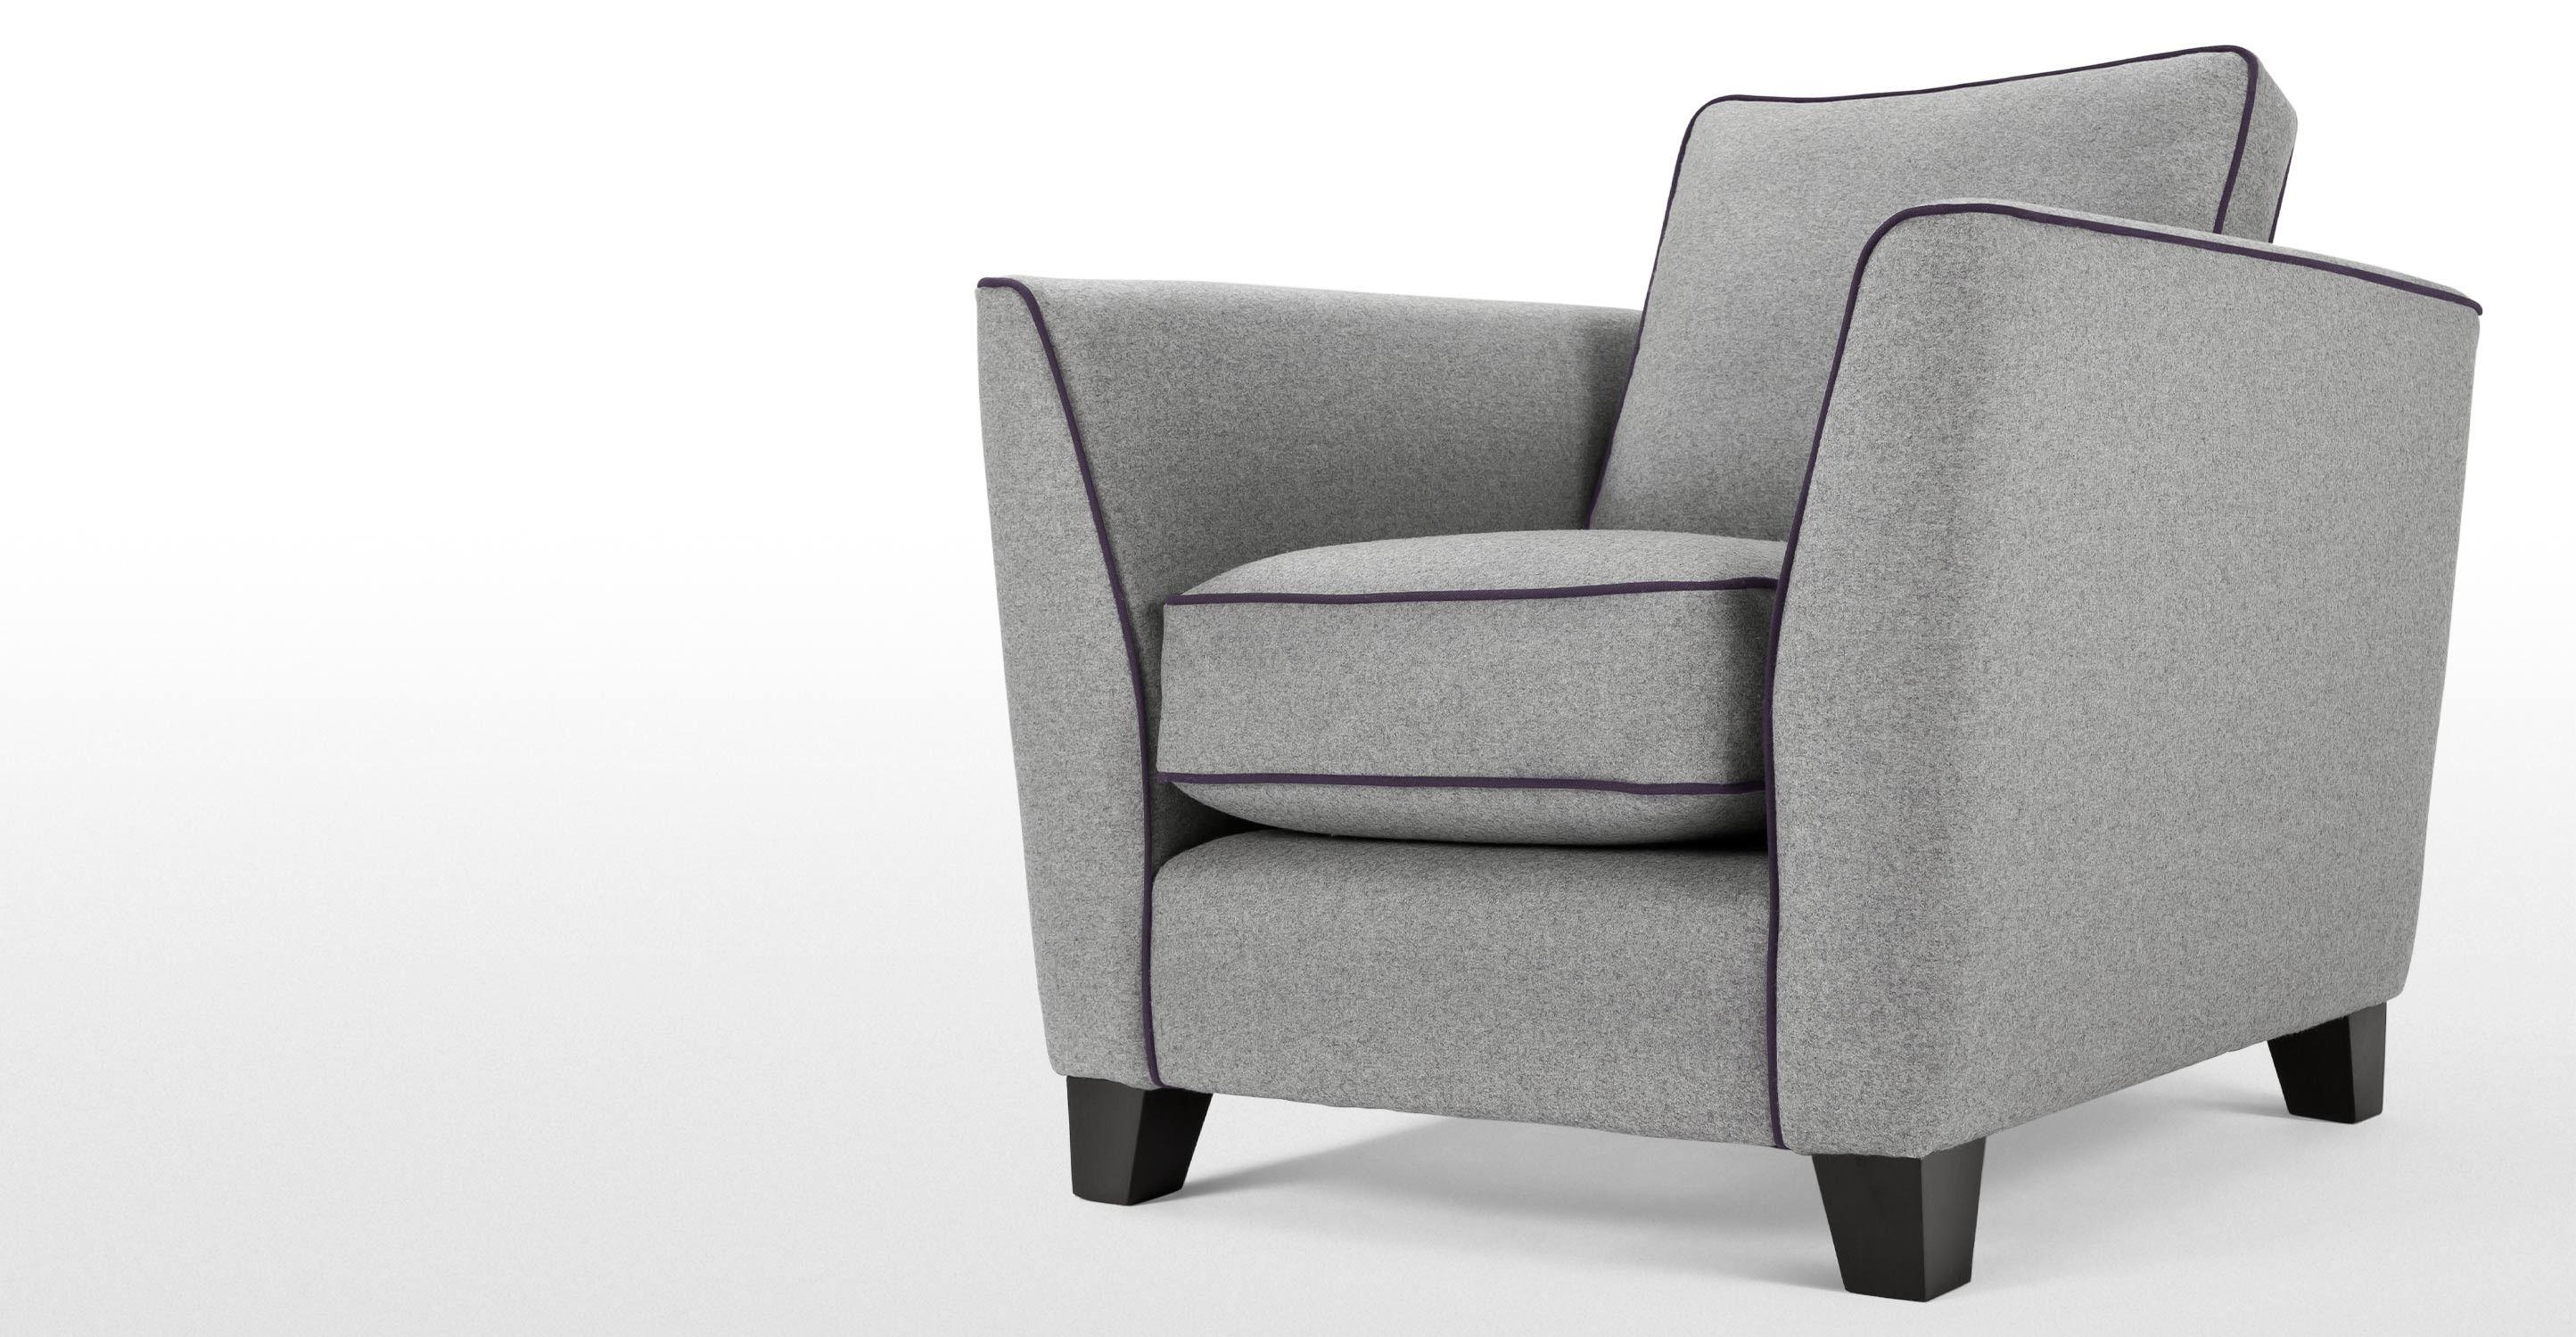 Ikea Remsta Sessel Grau Neu Bei Ikea Diese Stucke Gibt Es Ab